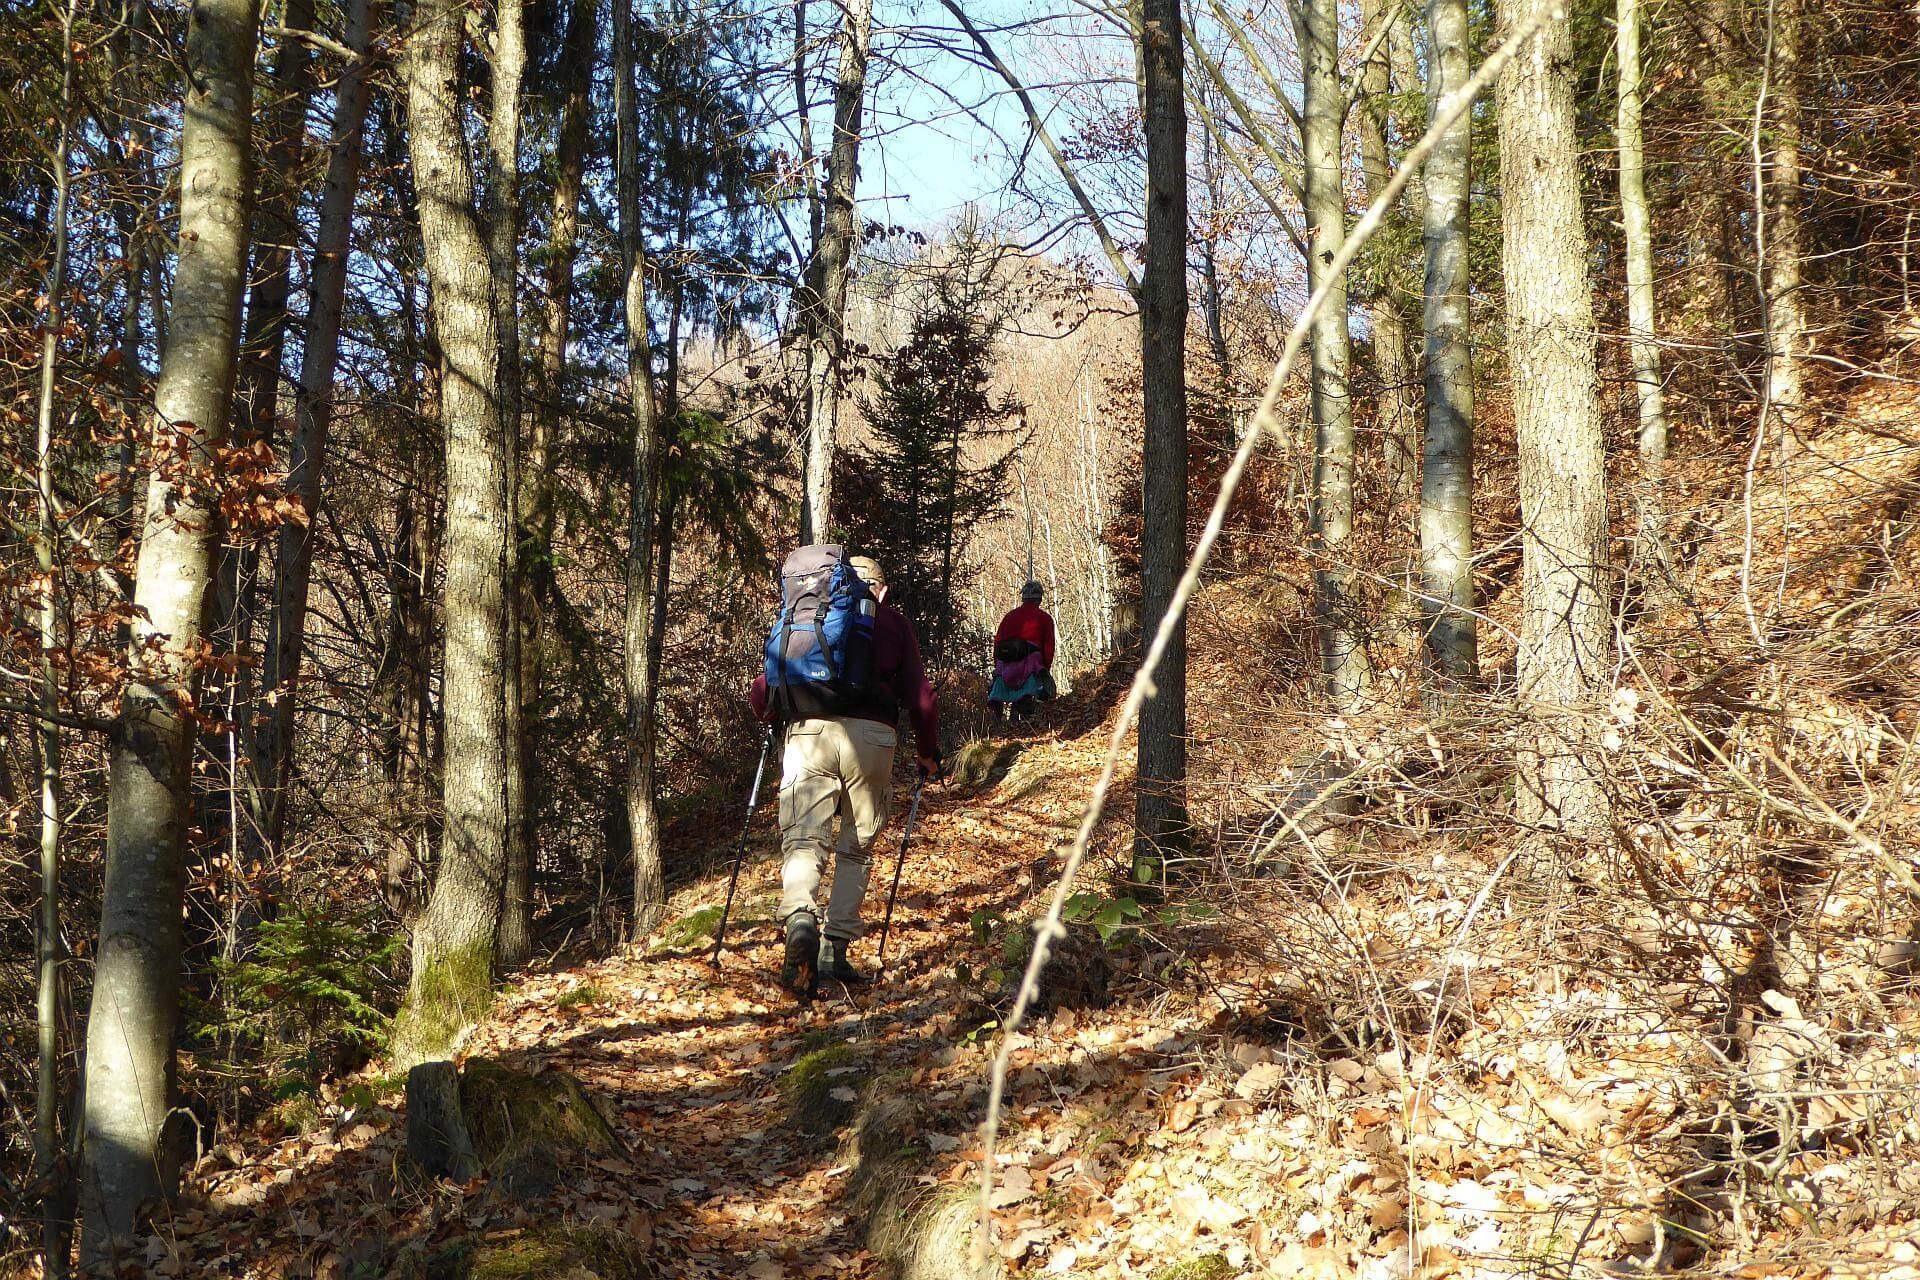 Der Aufstieg führt bis knapp unter dem Gipfel immer durch den Wald.